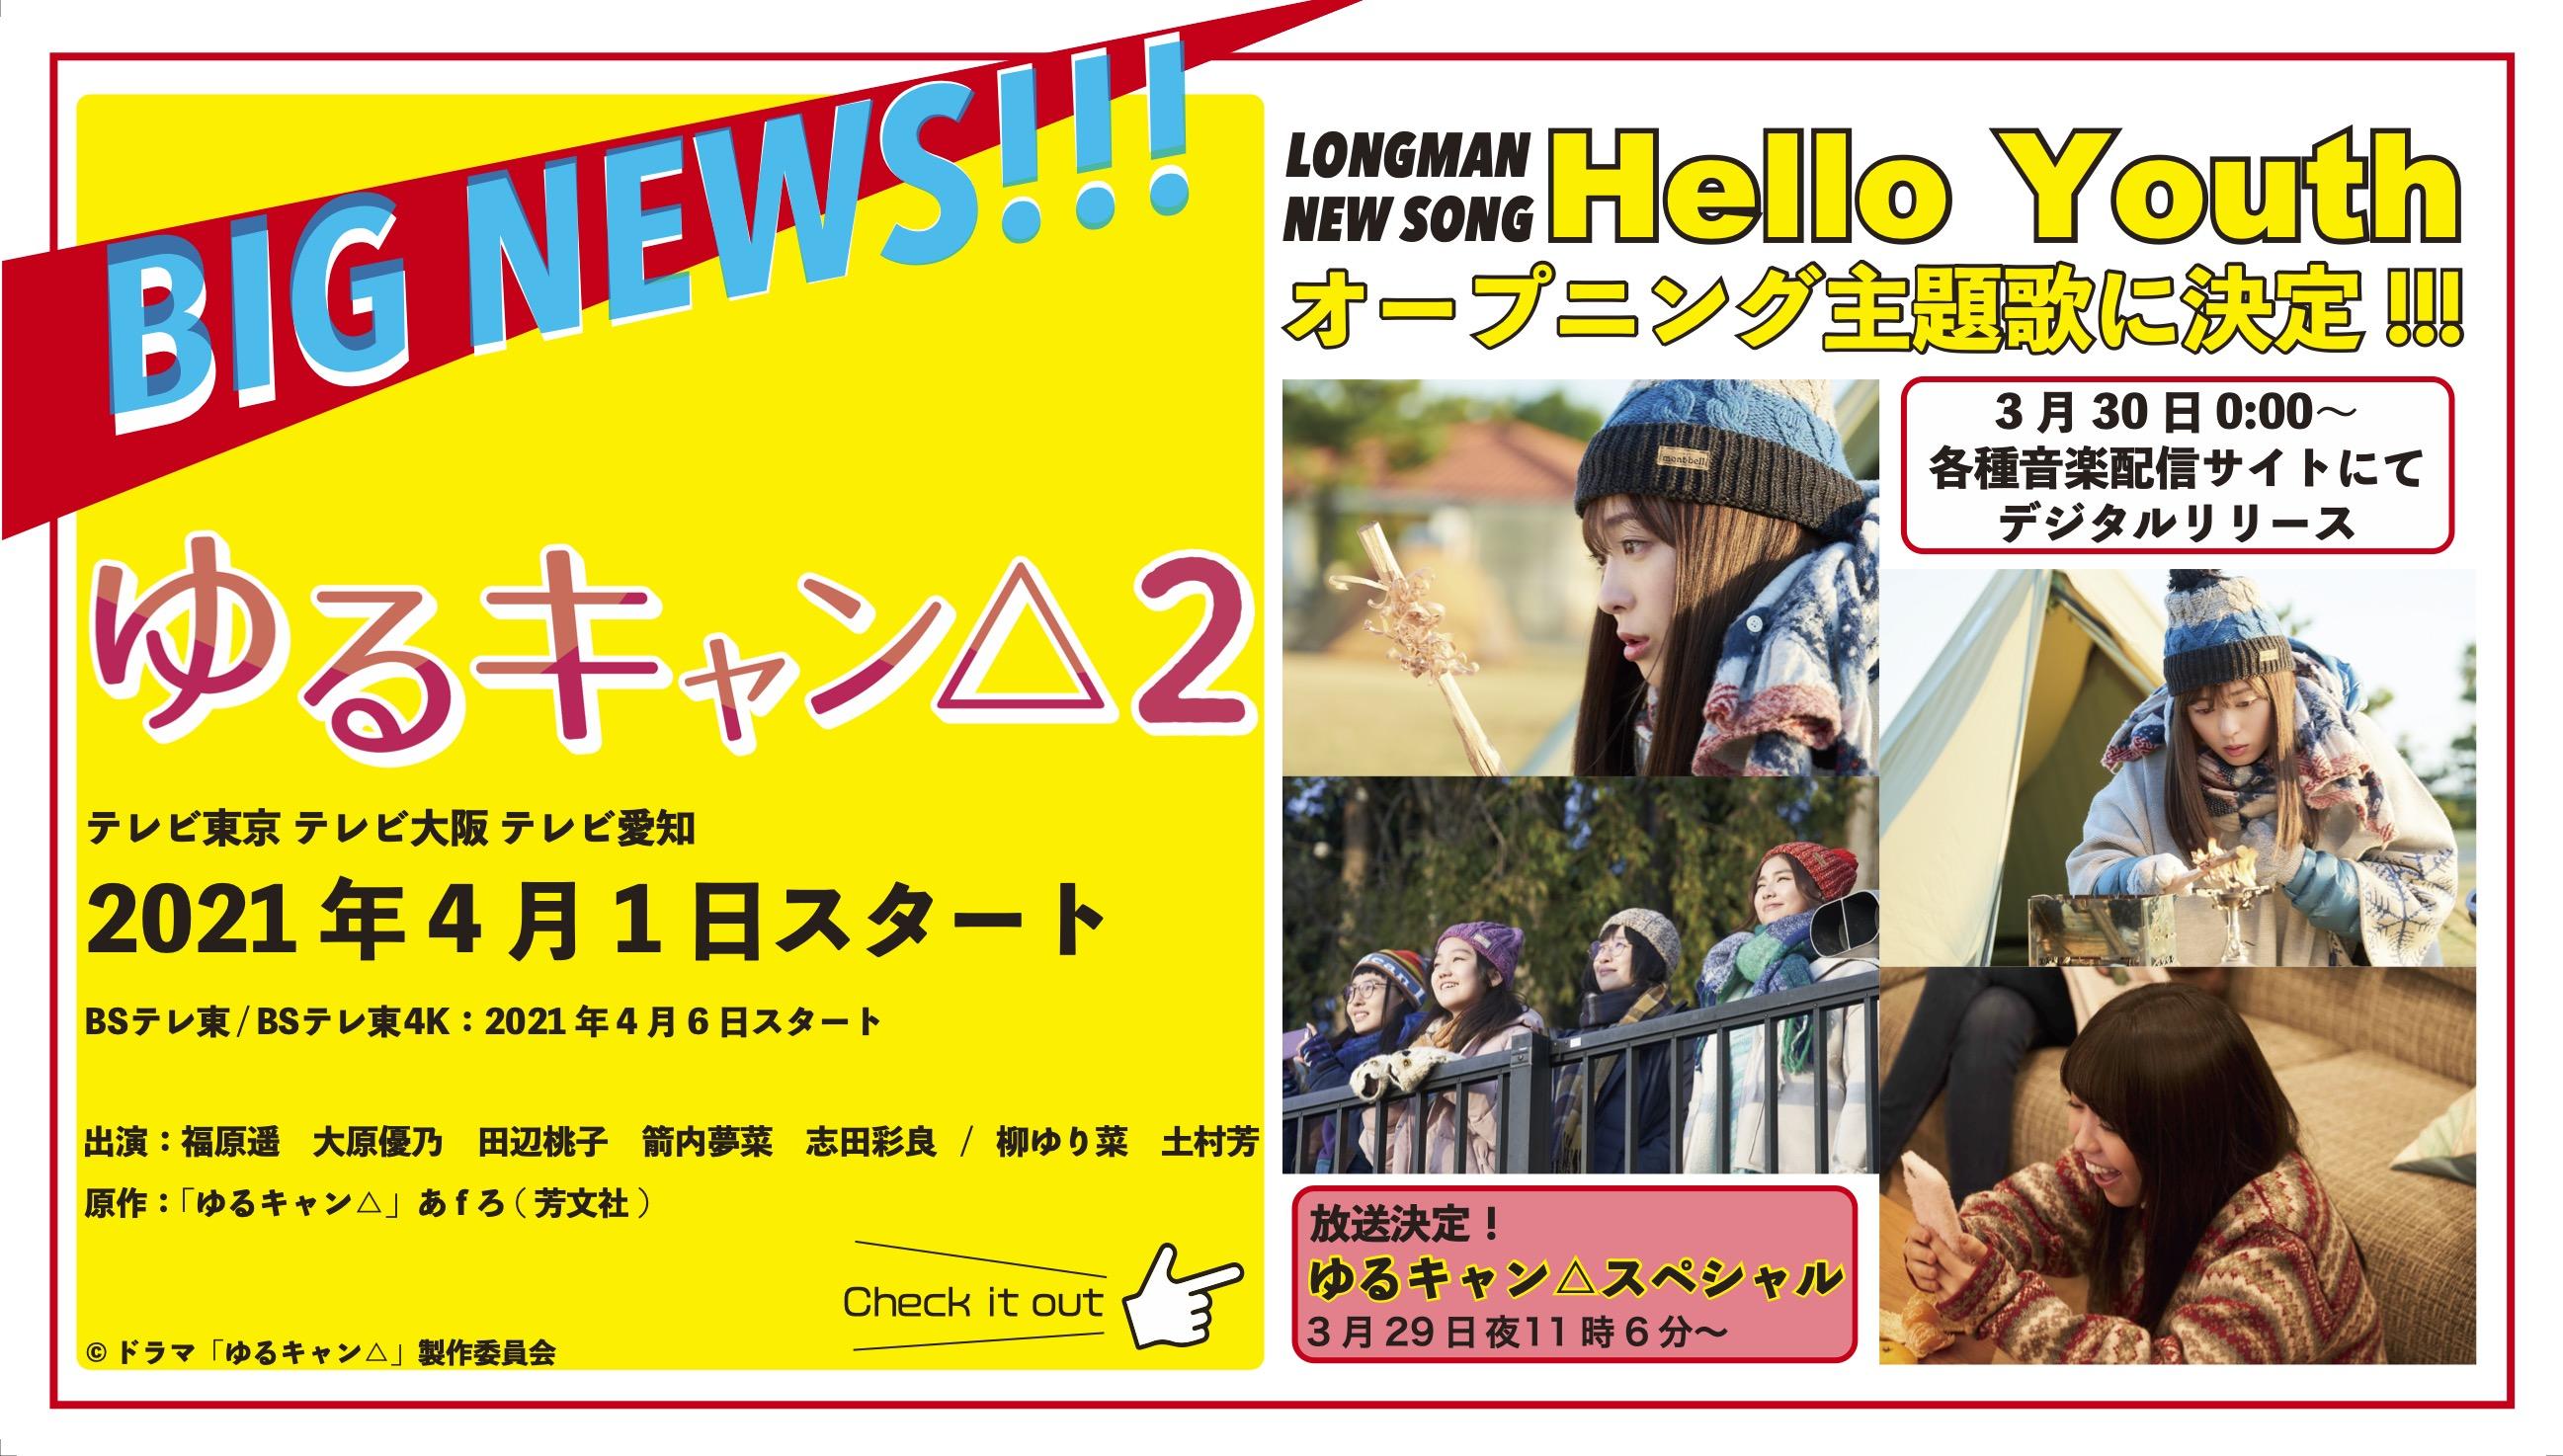 木ドラ24「ゆるキャン△2」オープニング主題歌にLONGMAN新曲「Hello Youth」が決定!